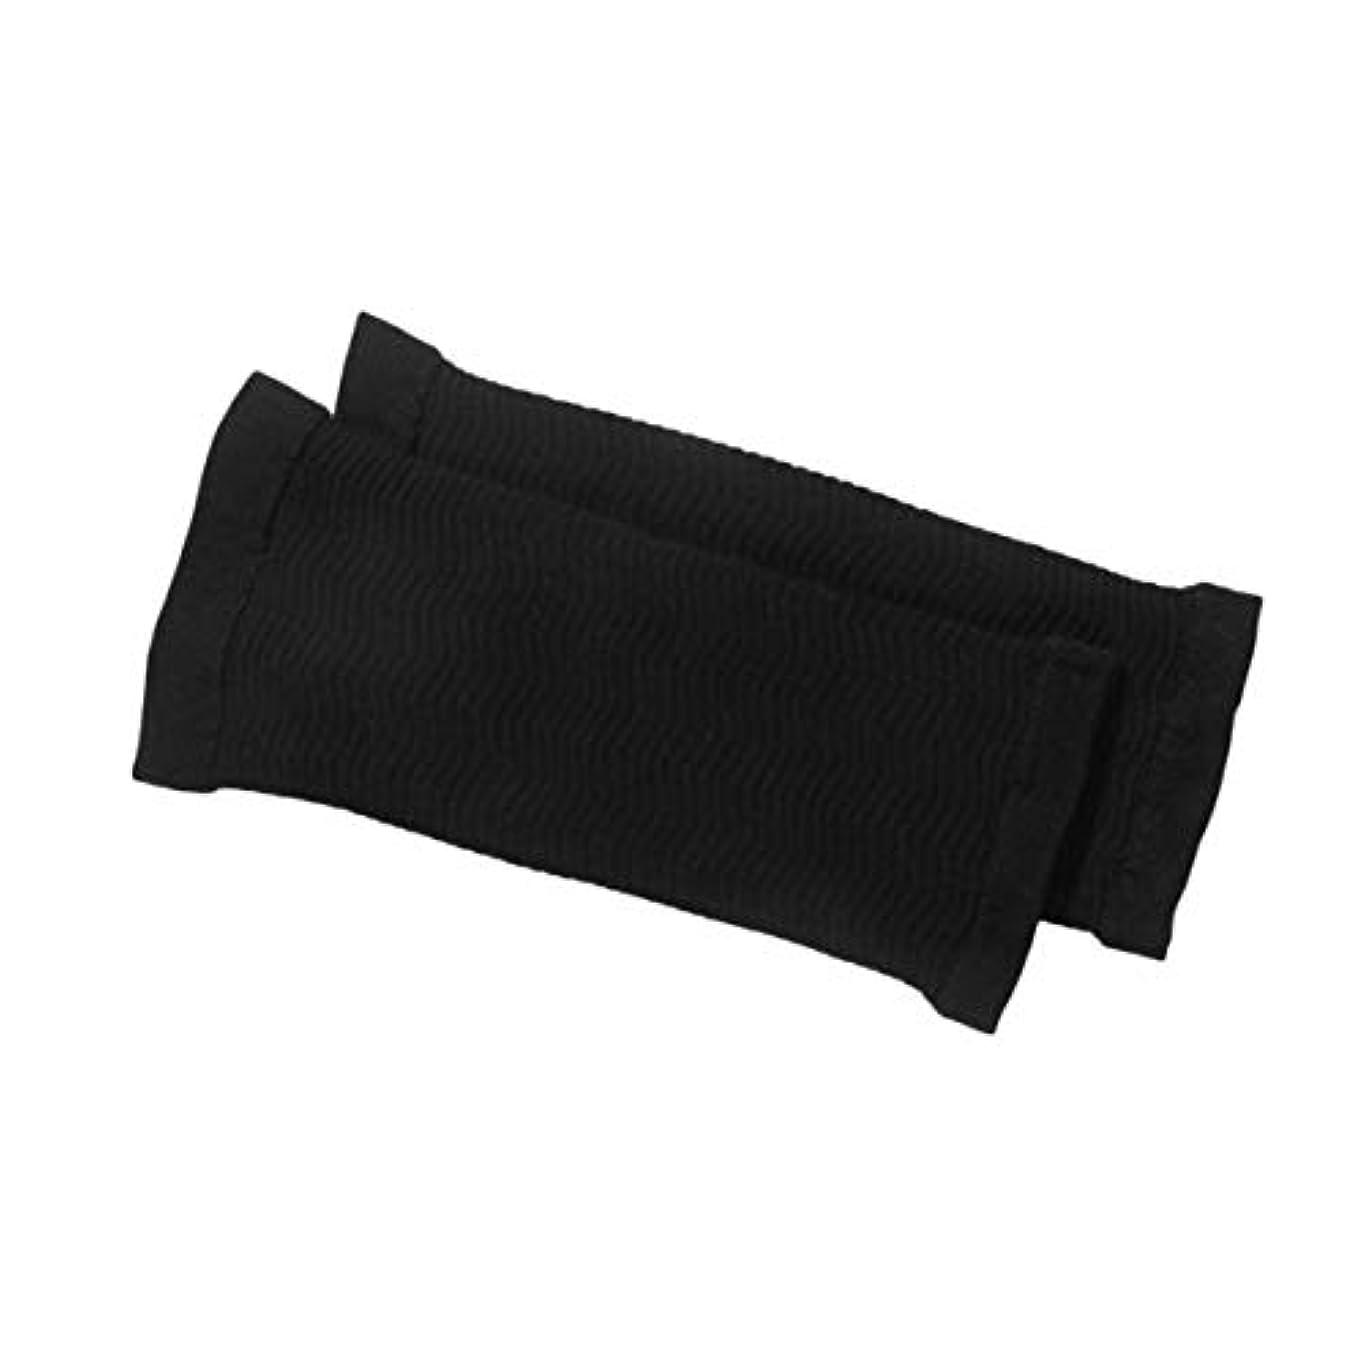 ソーダ水毎年折1ペア420 D圧縮痩身アームスリーブワークアウトトーニングバーンセルライトシェイパー脂肪燃焼袖用女性 - 黒